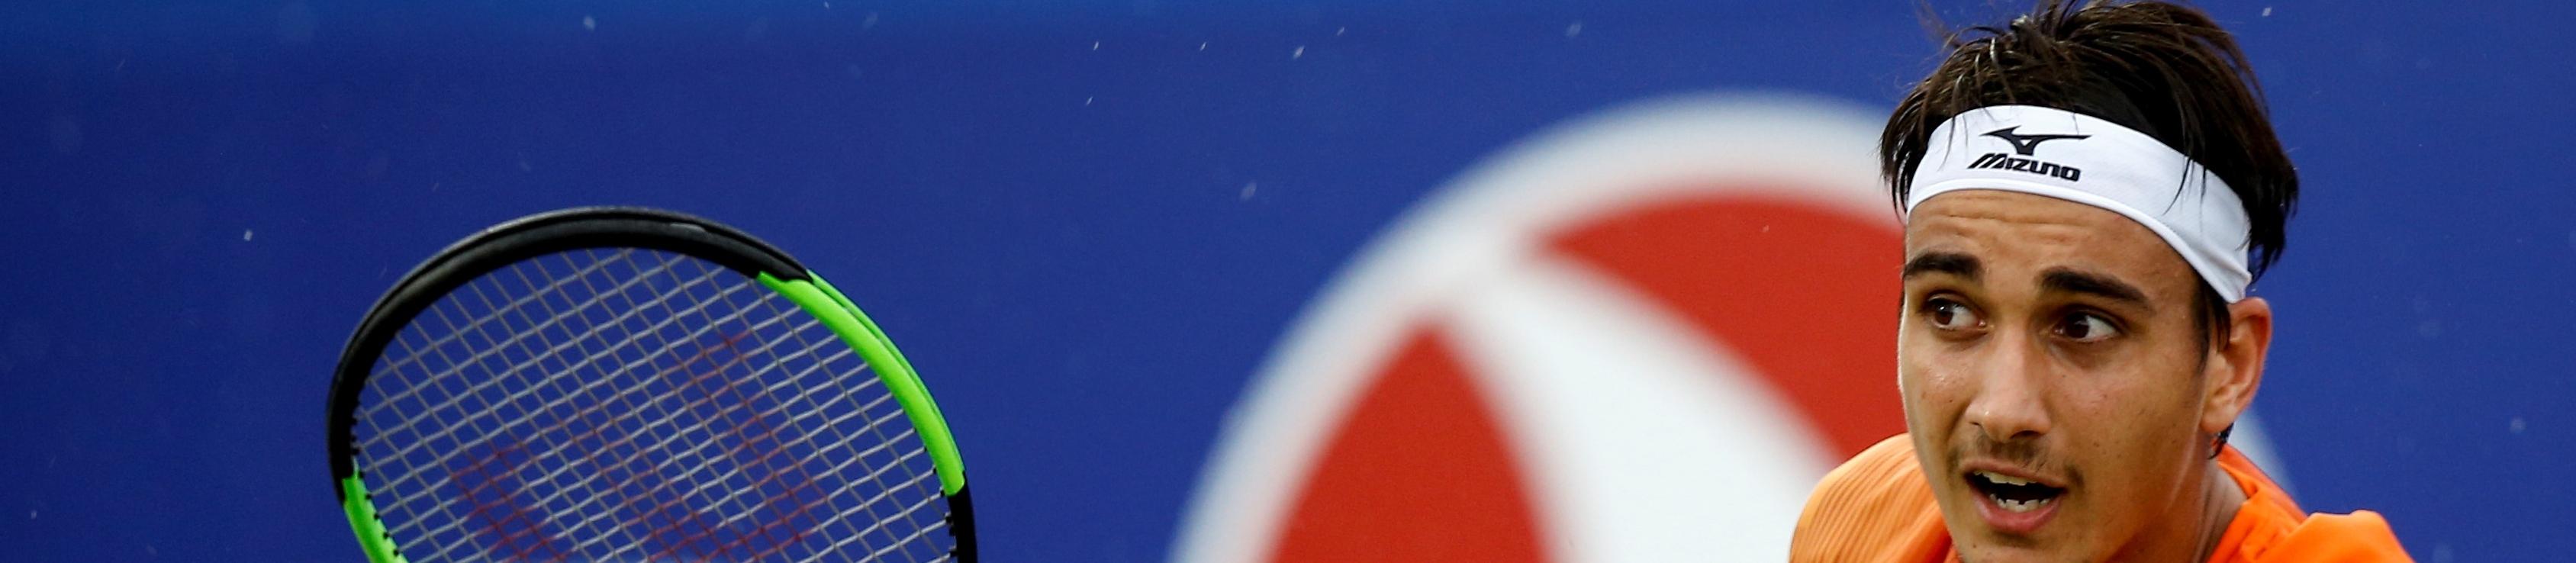 ATP Winston-Salem: Sonego alla prova del 9, Shapovalov e Tiafoe rischiano